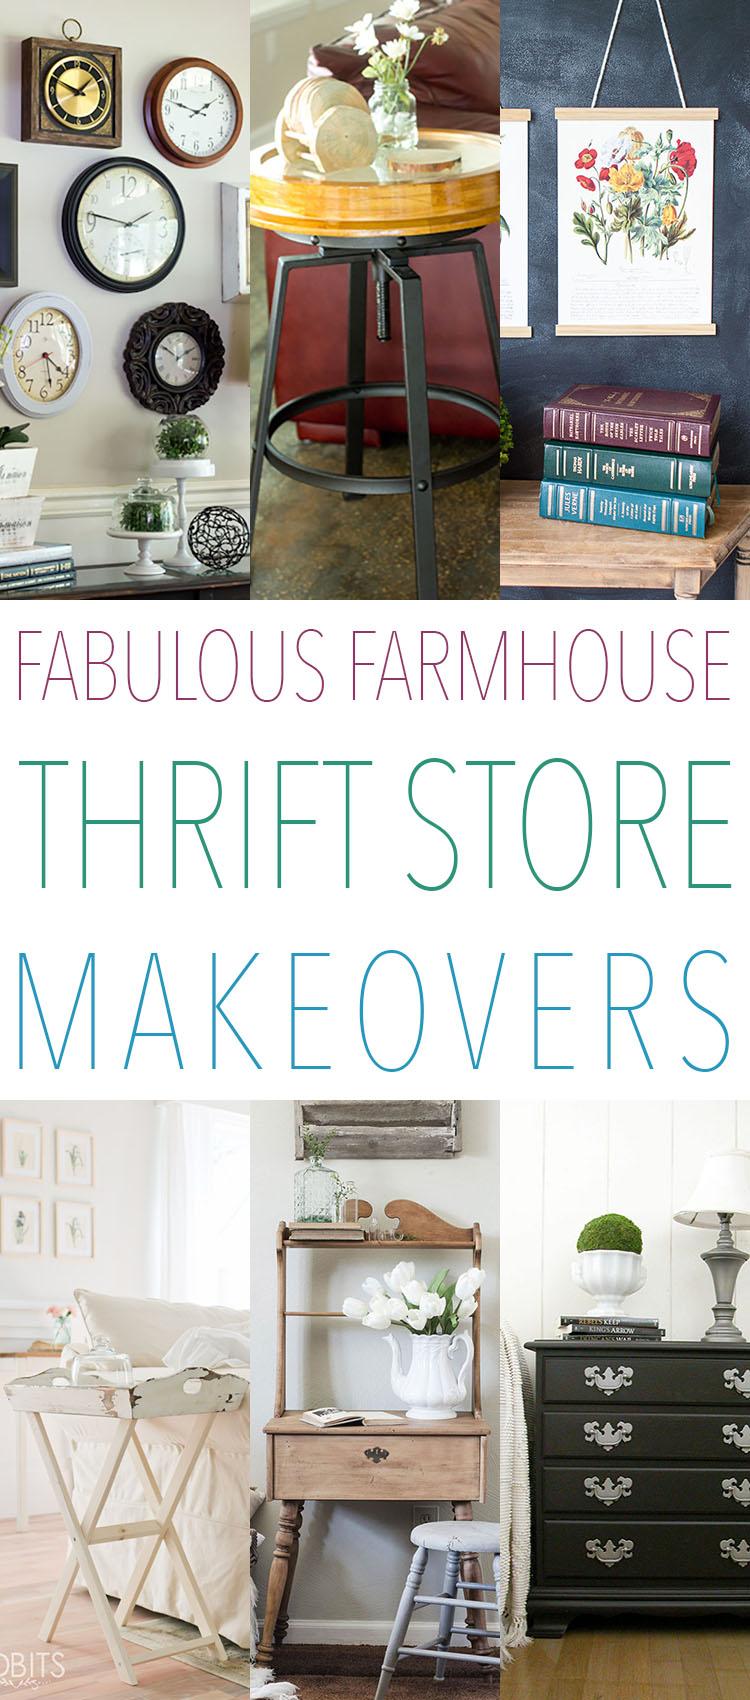 ThriftTOWER-1